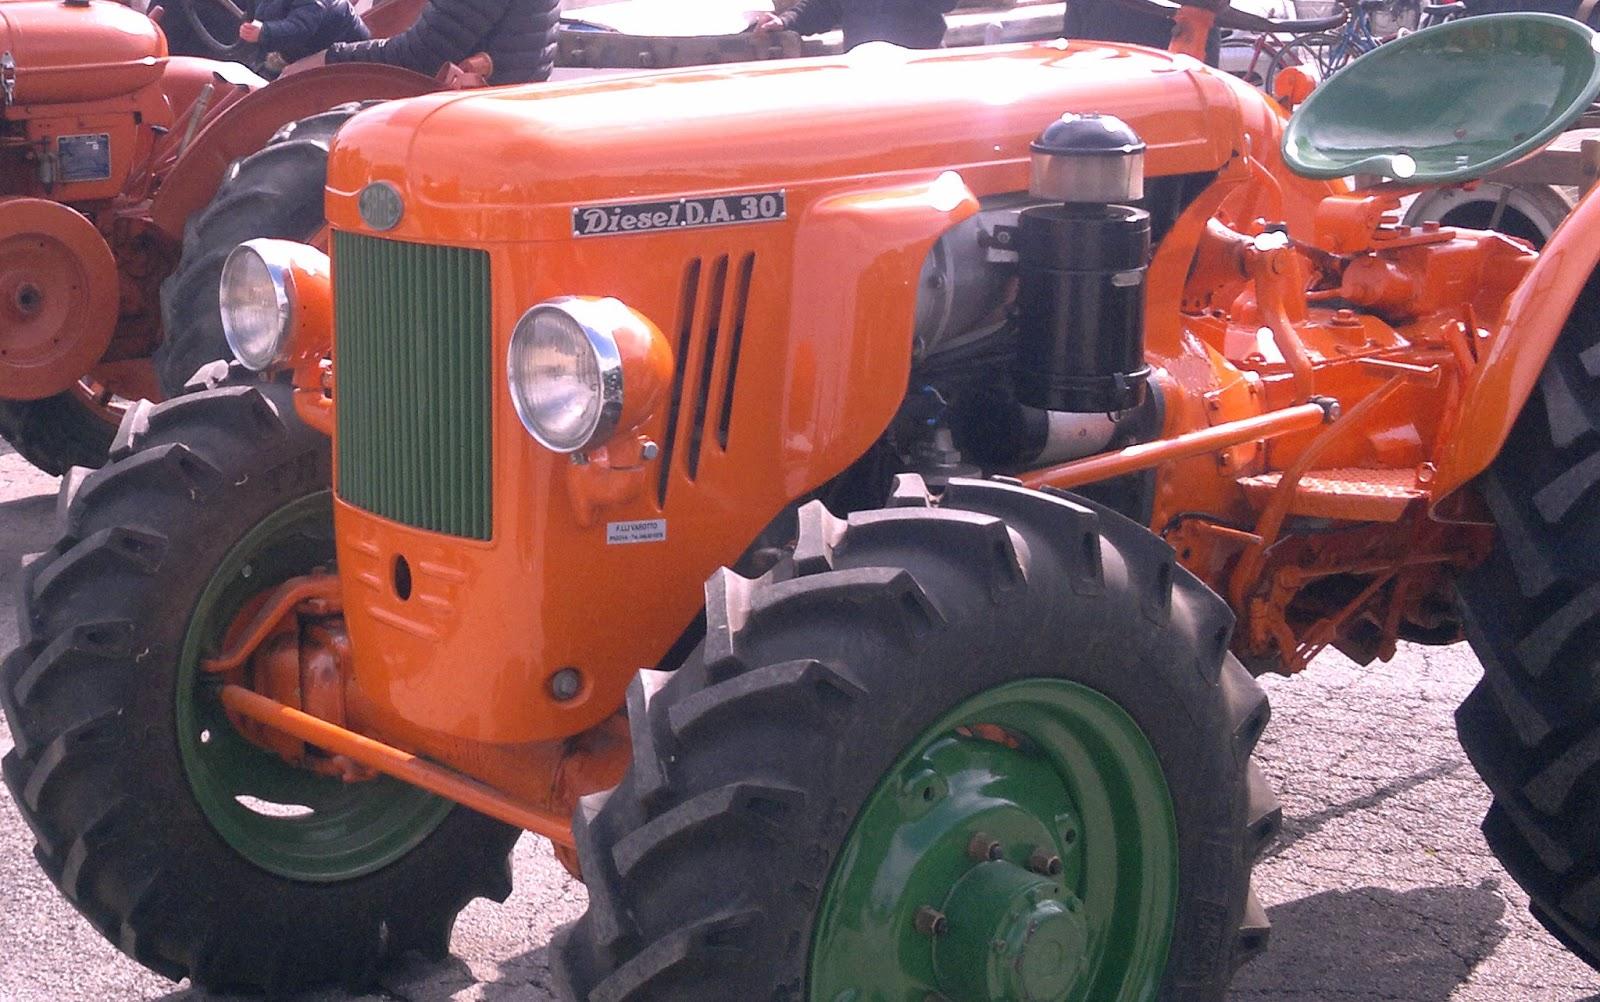 Confagricoltura mirano trattori d 39 epoca iscrizione for All origine arredi autentici